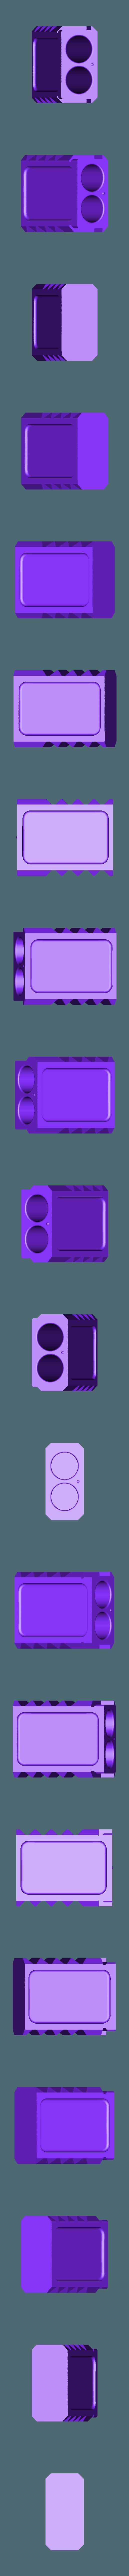 18650 box v1.stl Télécharger fichier STL gratuit 18650 boîtier de batterie • Modèle à imprimer en 3D, wavelog